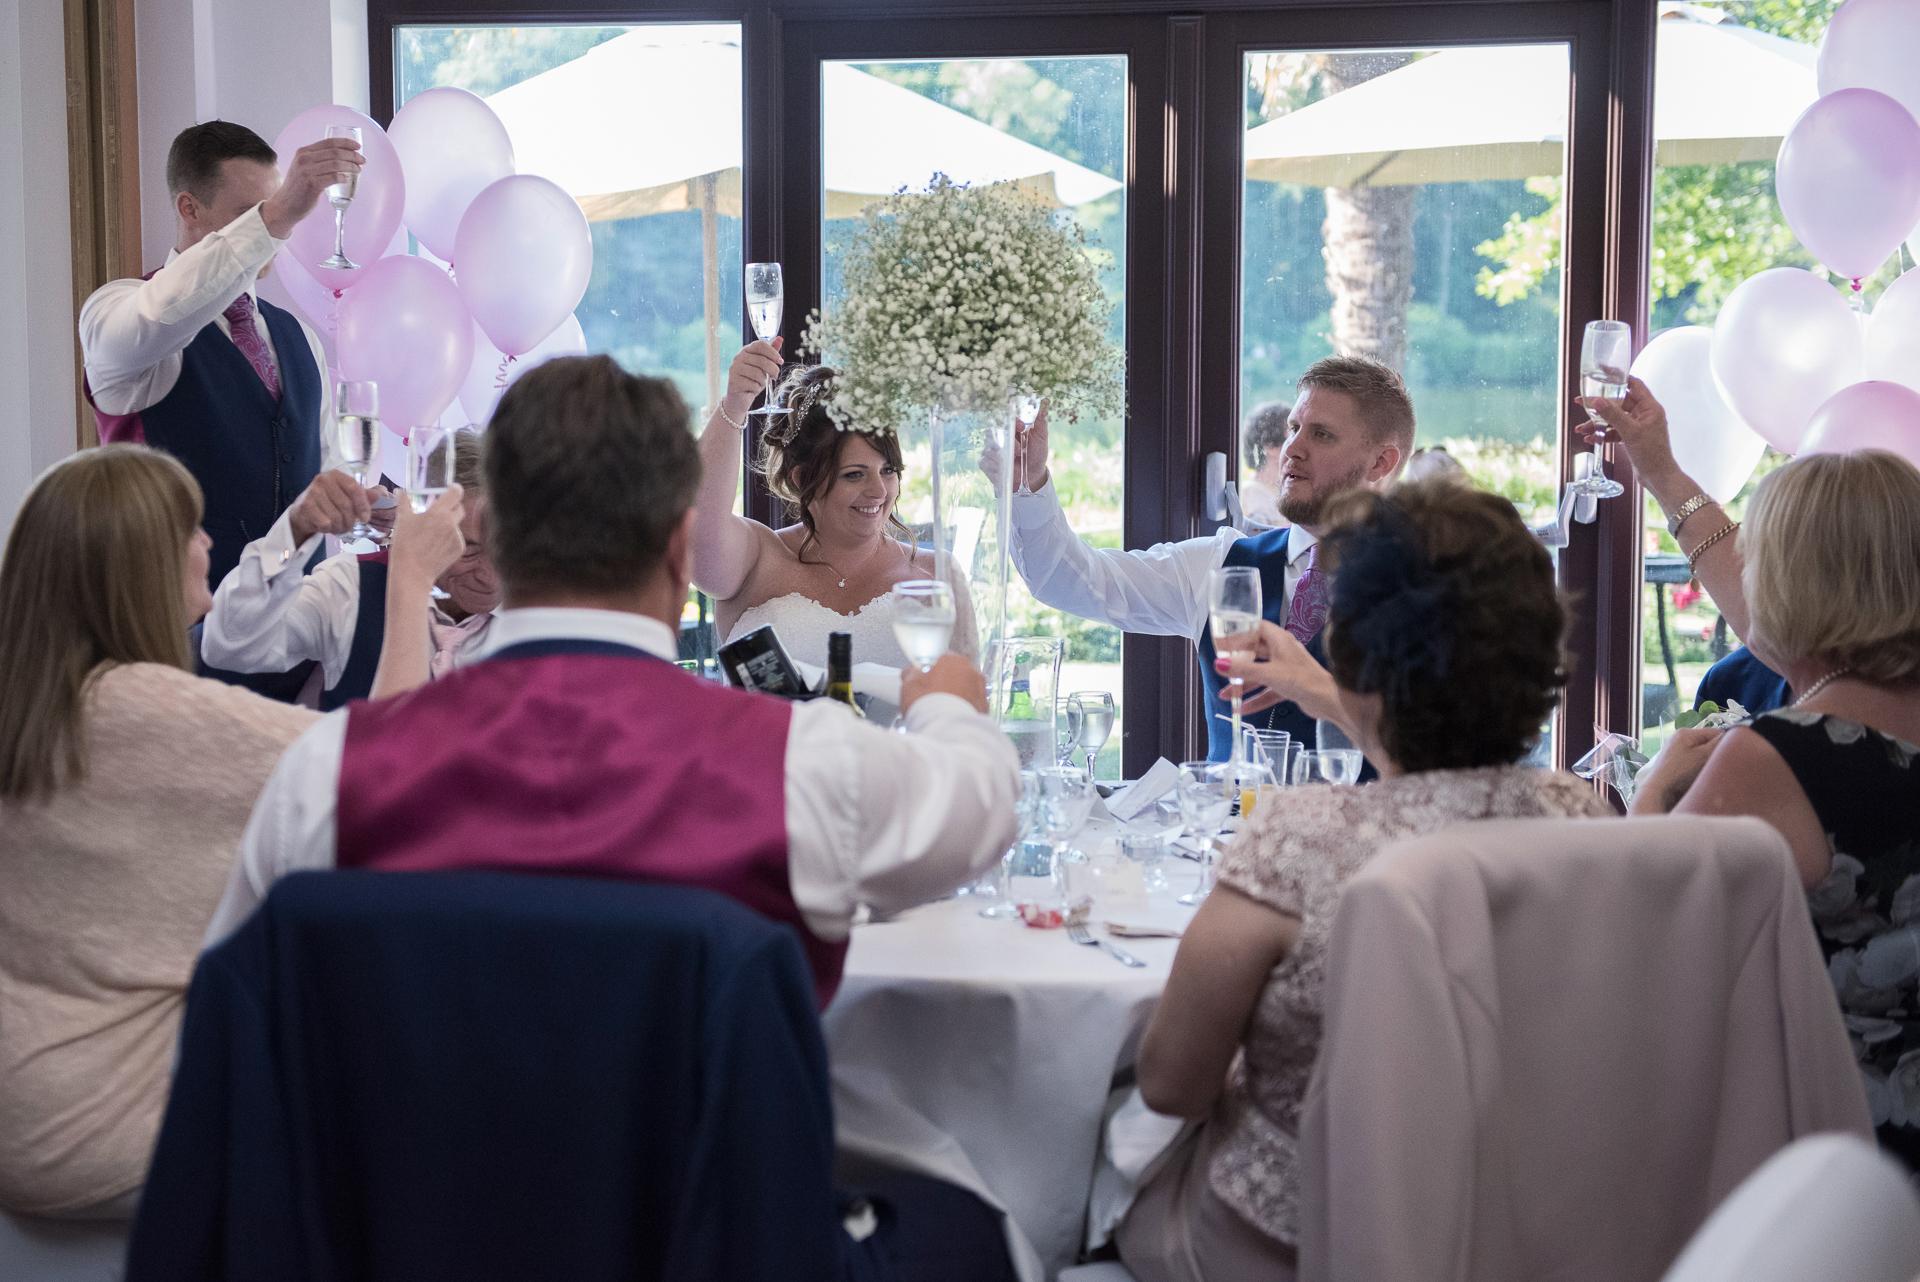 Frensham-Pond-Hotel-wedding_66.JPG